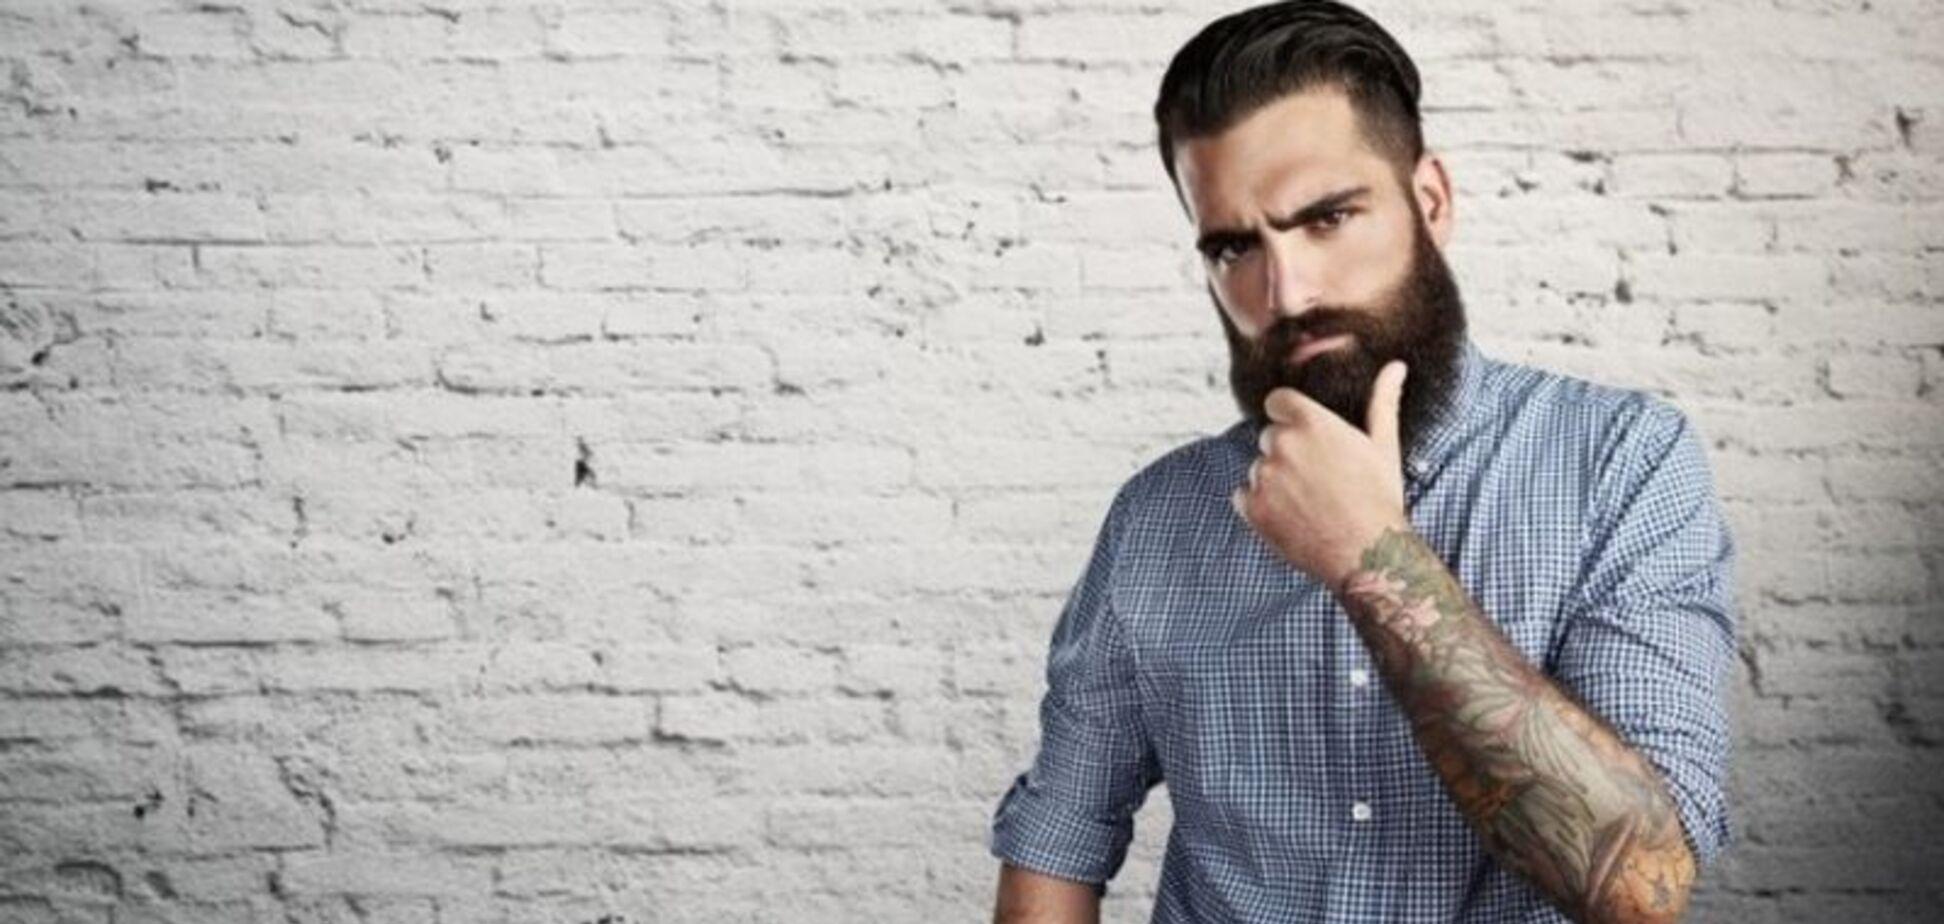 7 сексуальных проблем современного мужчины